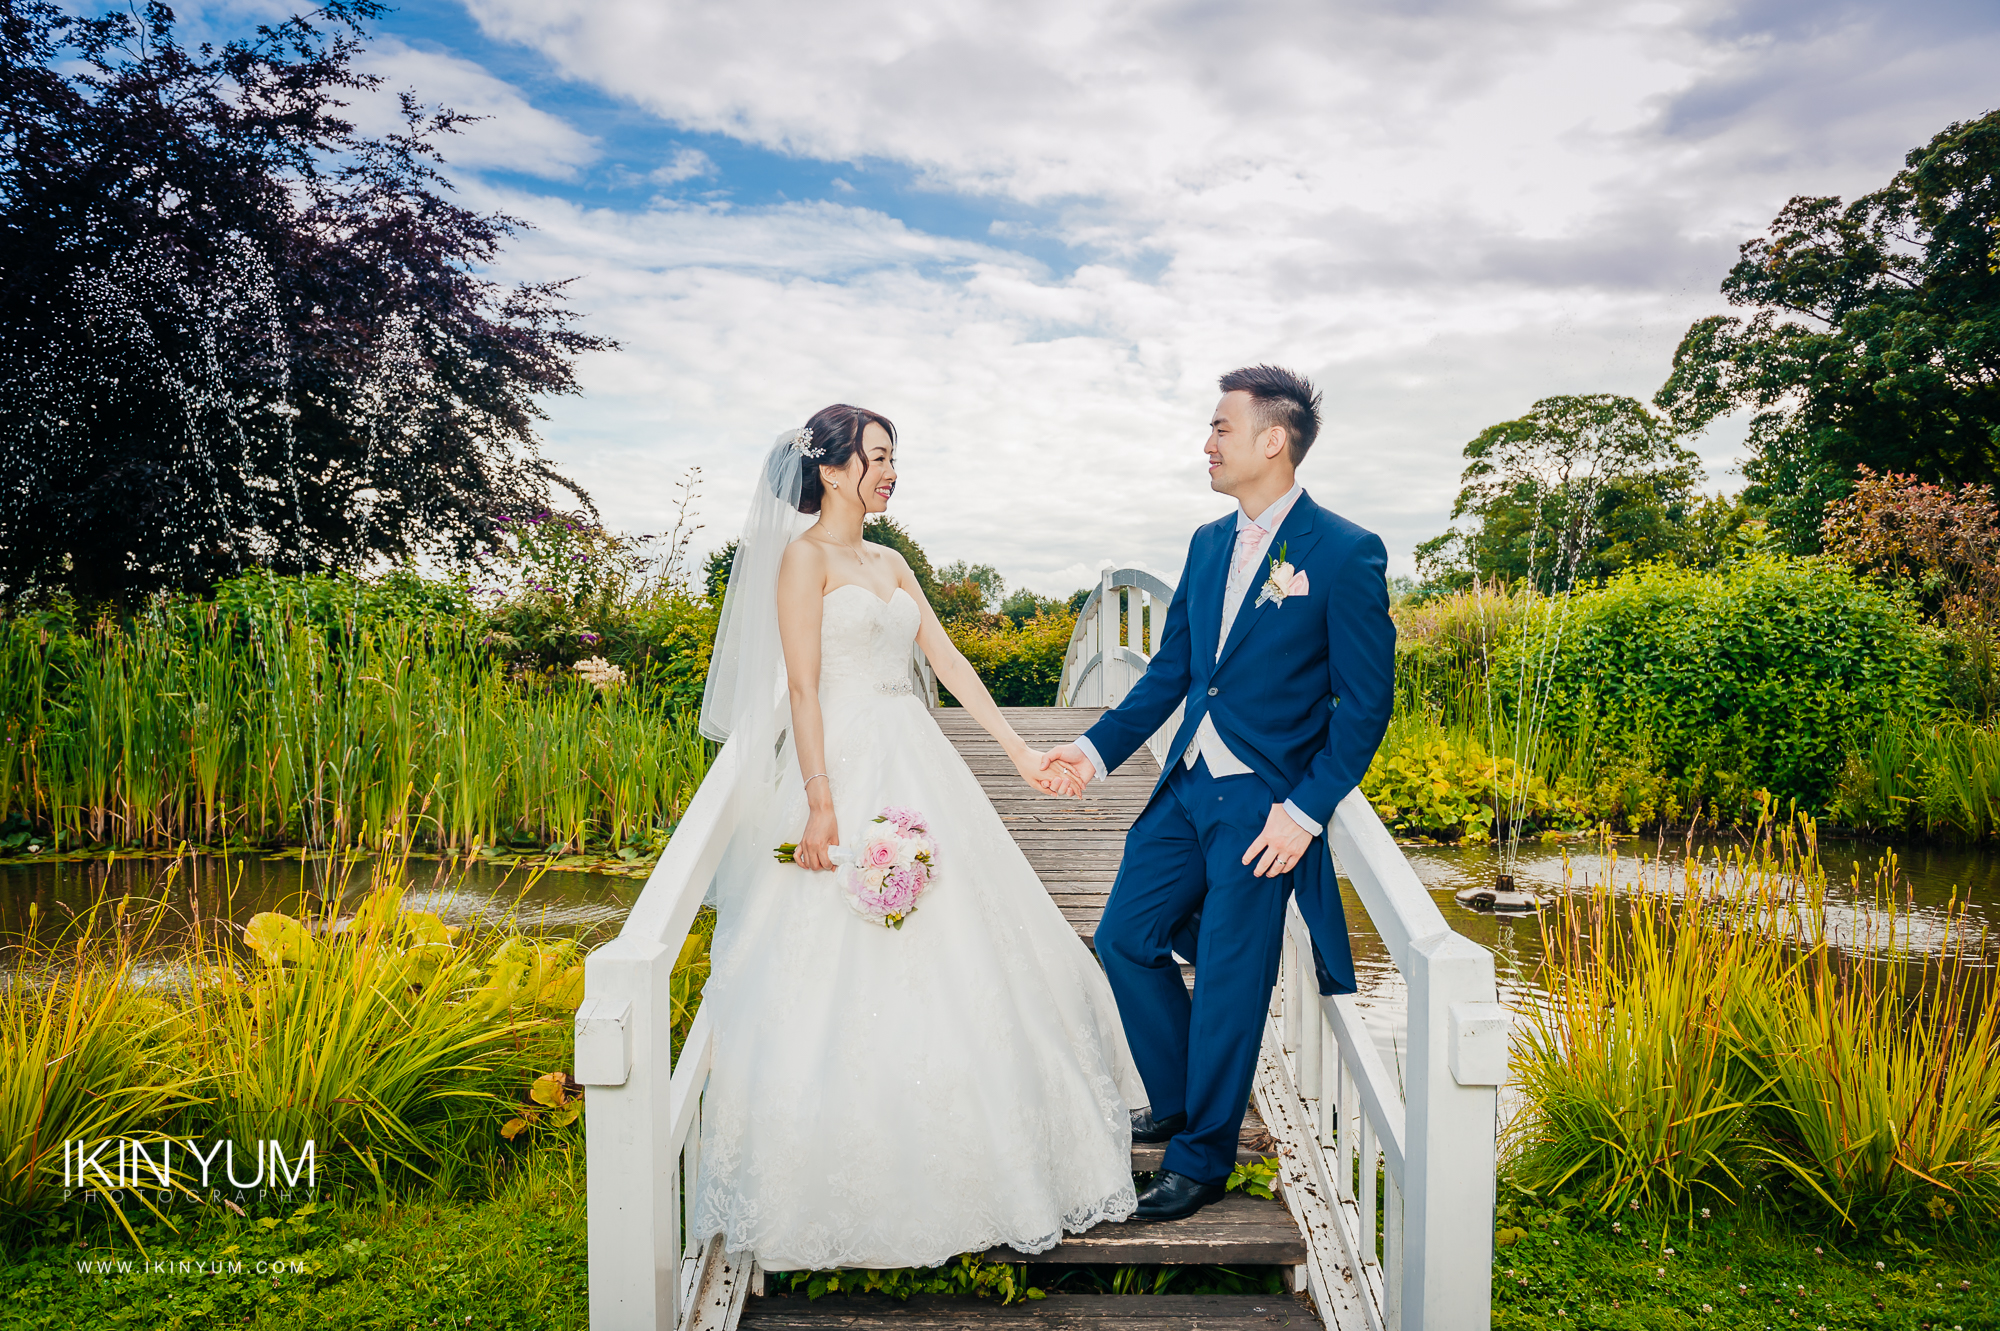 Sylvianne & Chun Wedding Day - Ikin Yum Photography-095.jpg